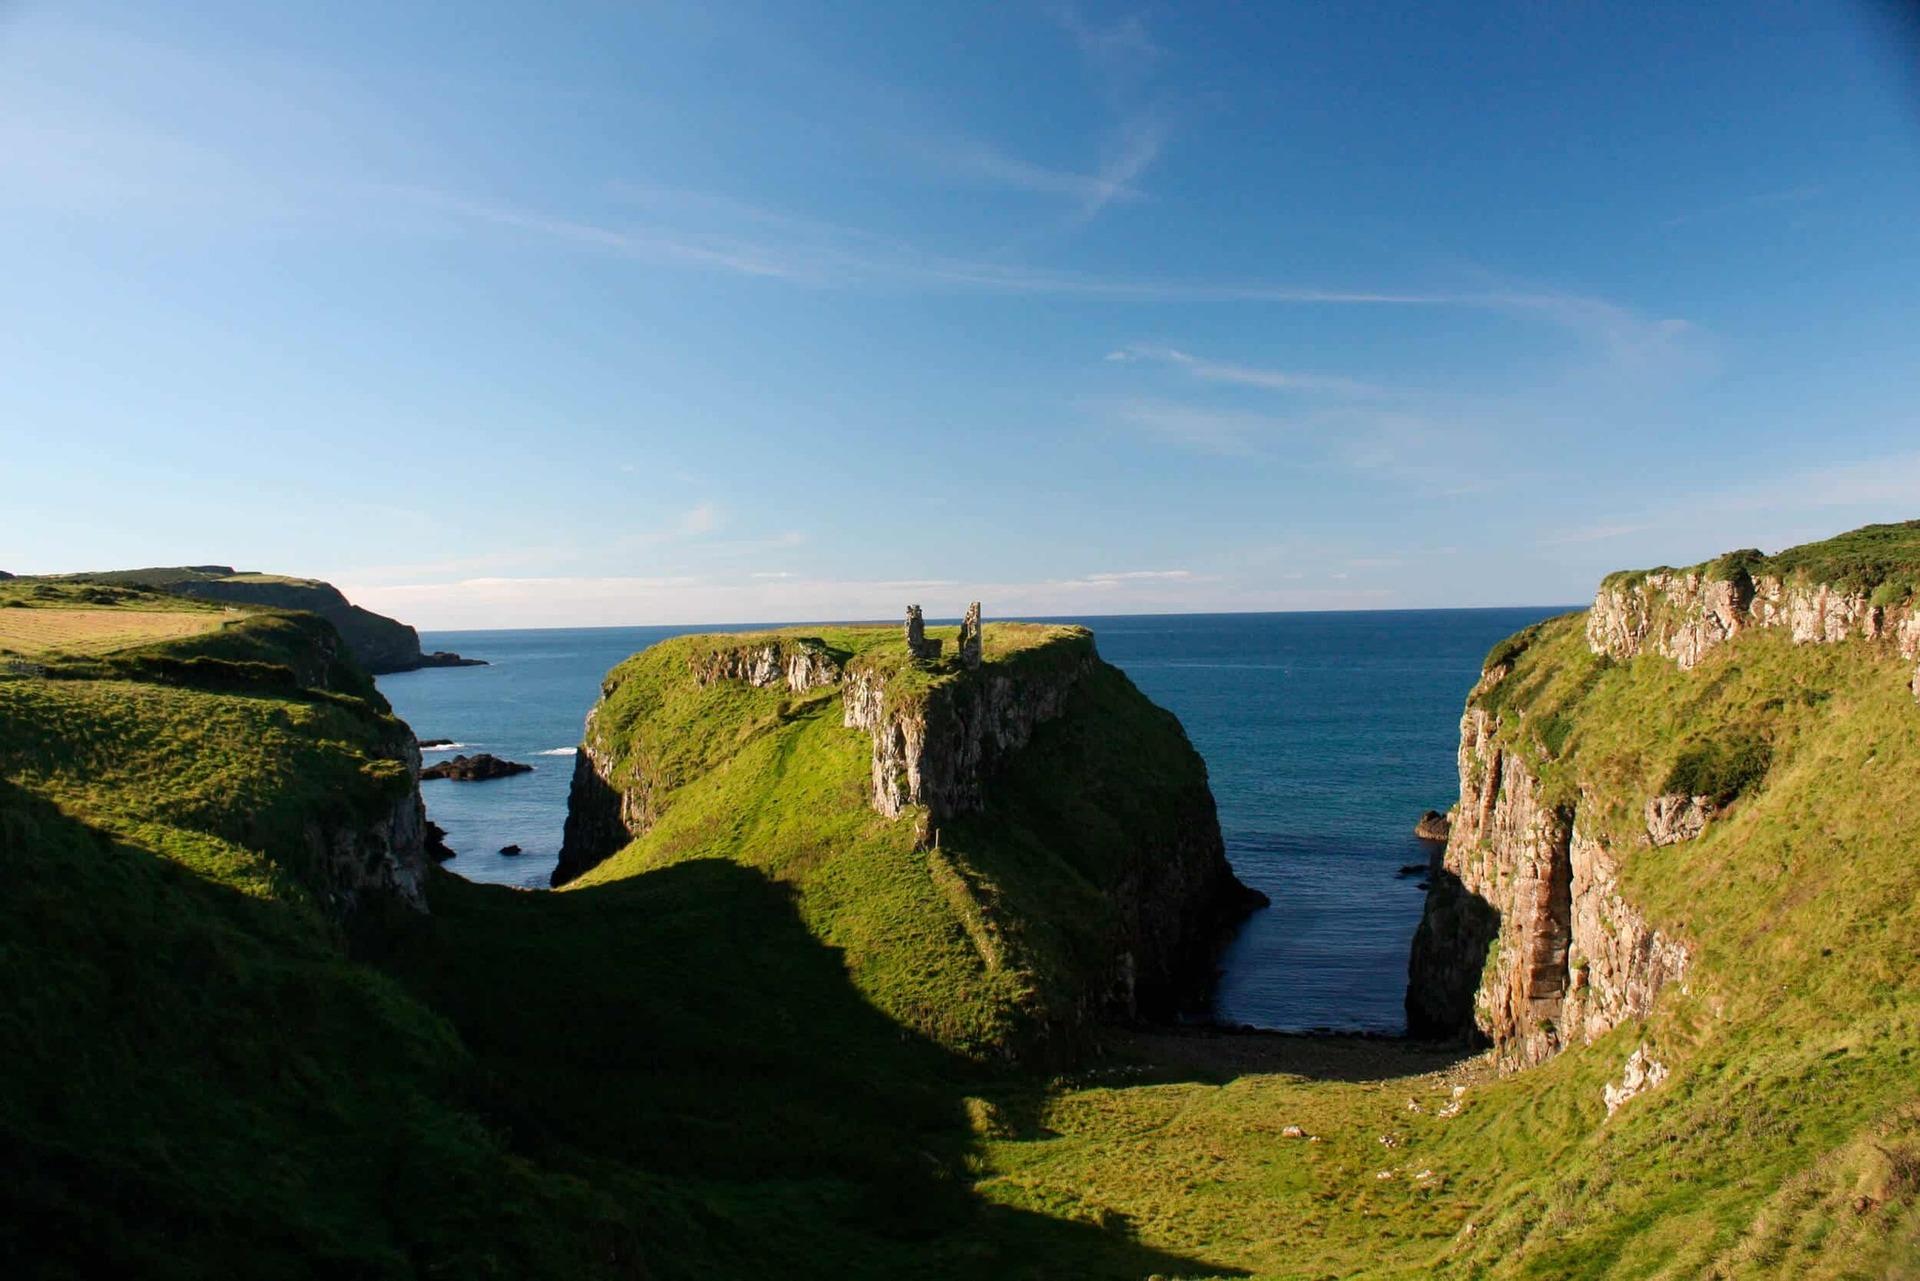 Відвідаєте одну із найчарівніших країн Європи із старовинними замками та фортецями, неймовірною природою.